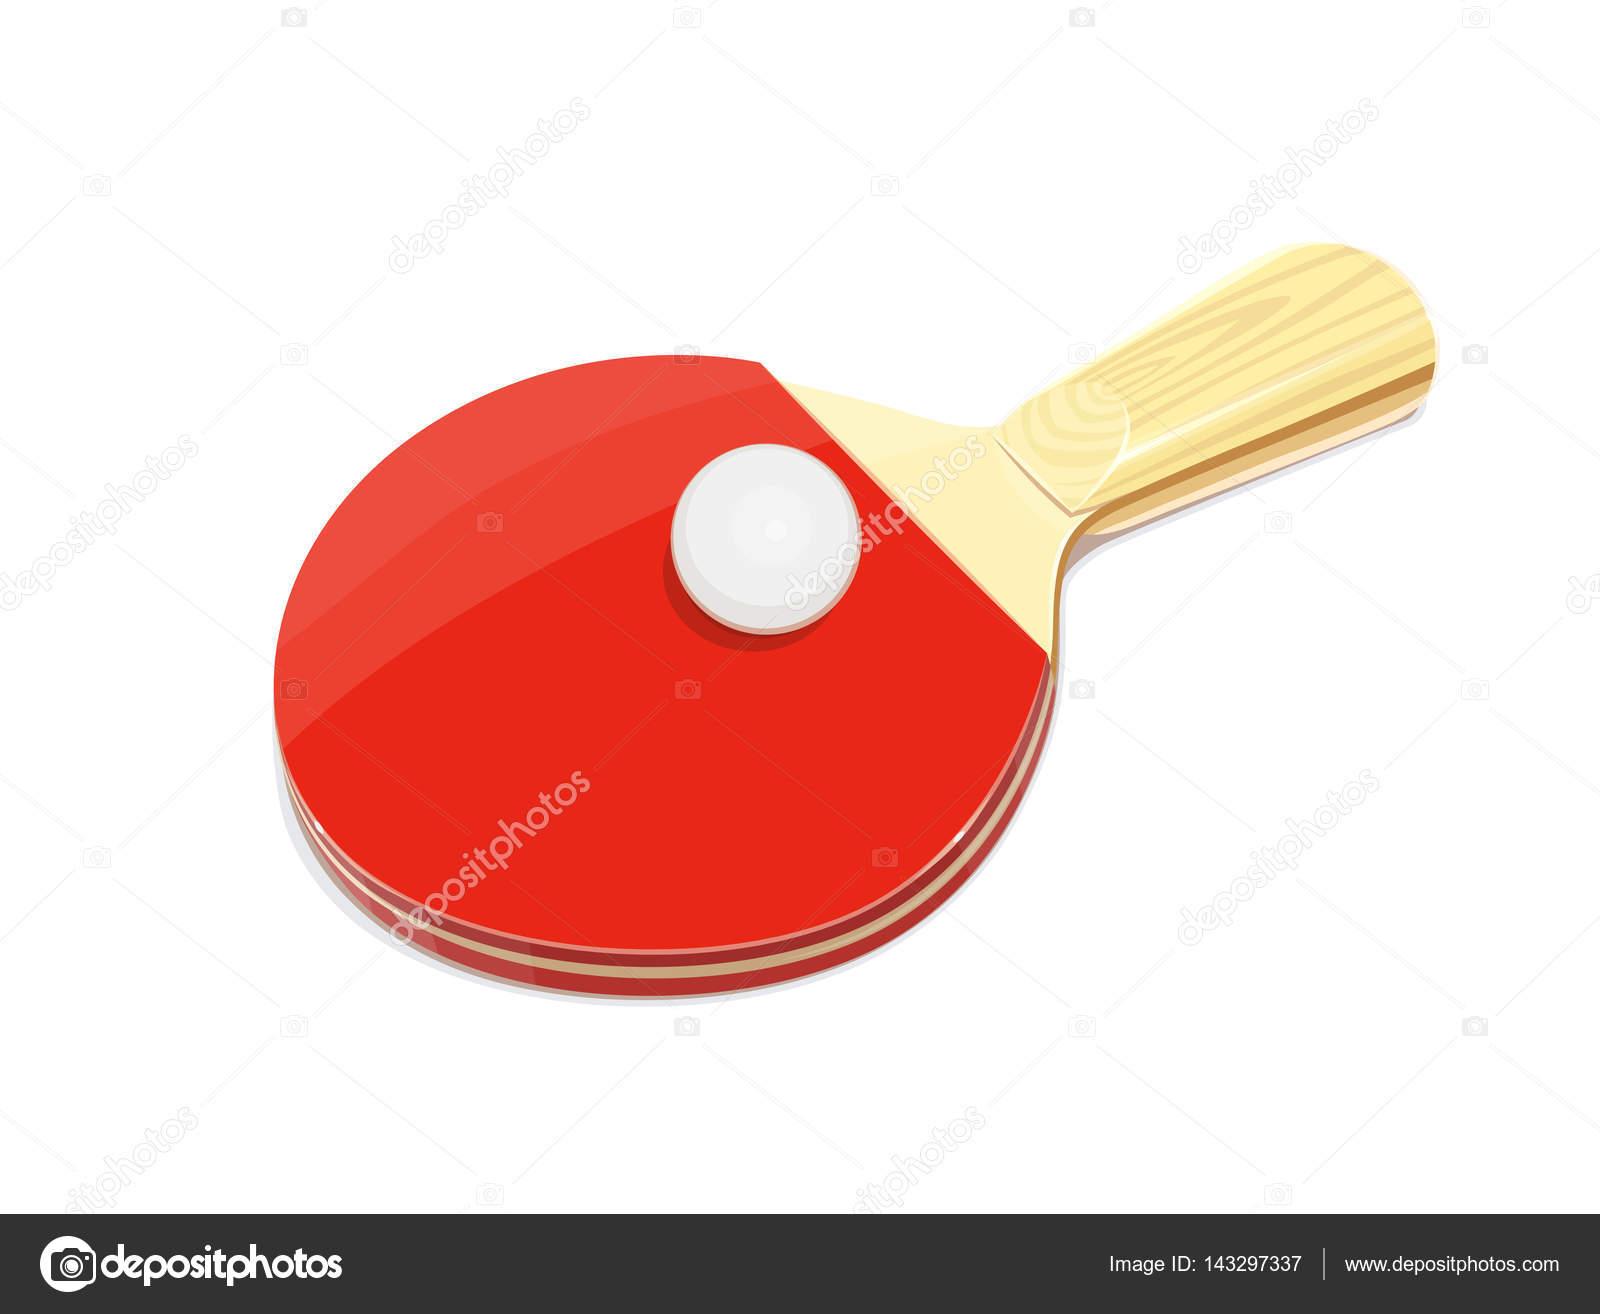 ebf8649a8 Raquete de tênis de mesa e bola. Jogo de ping-pong do esporte. Equipamento  desportivo. Ilustração em vetor. Isolado de fundo branco — Vetor por ...